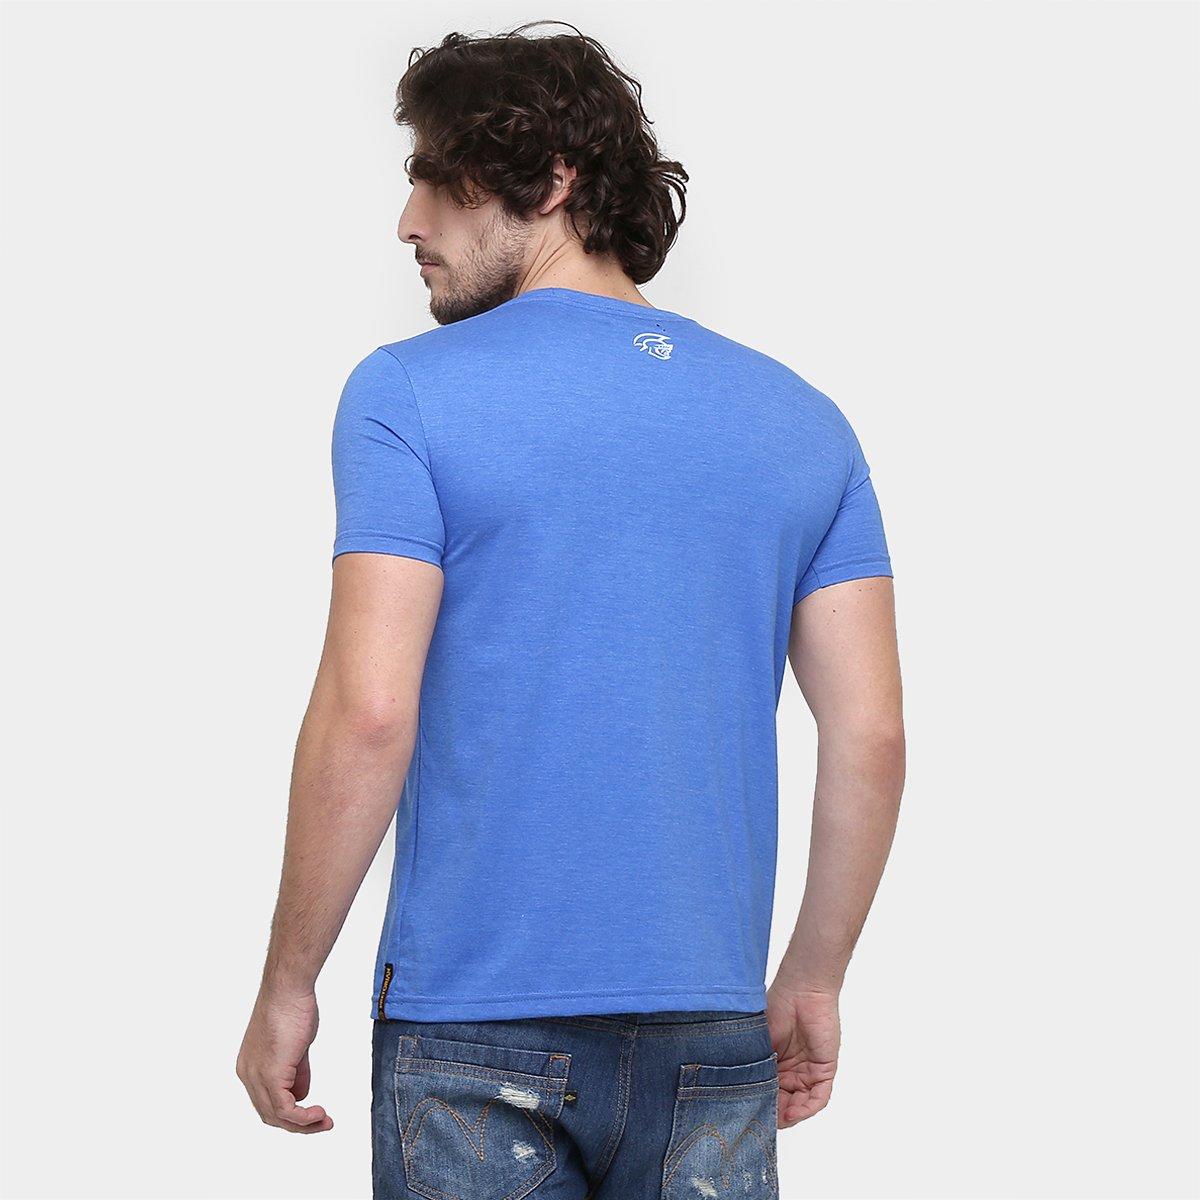 Camiseta Pretorian Beast Mode On Masculina - Azul - Compre Agora ... 77779d75e1363